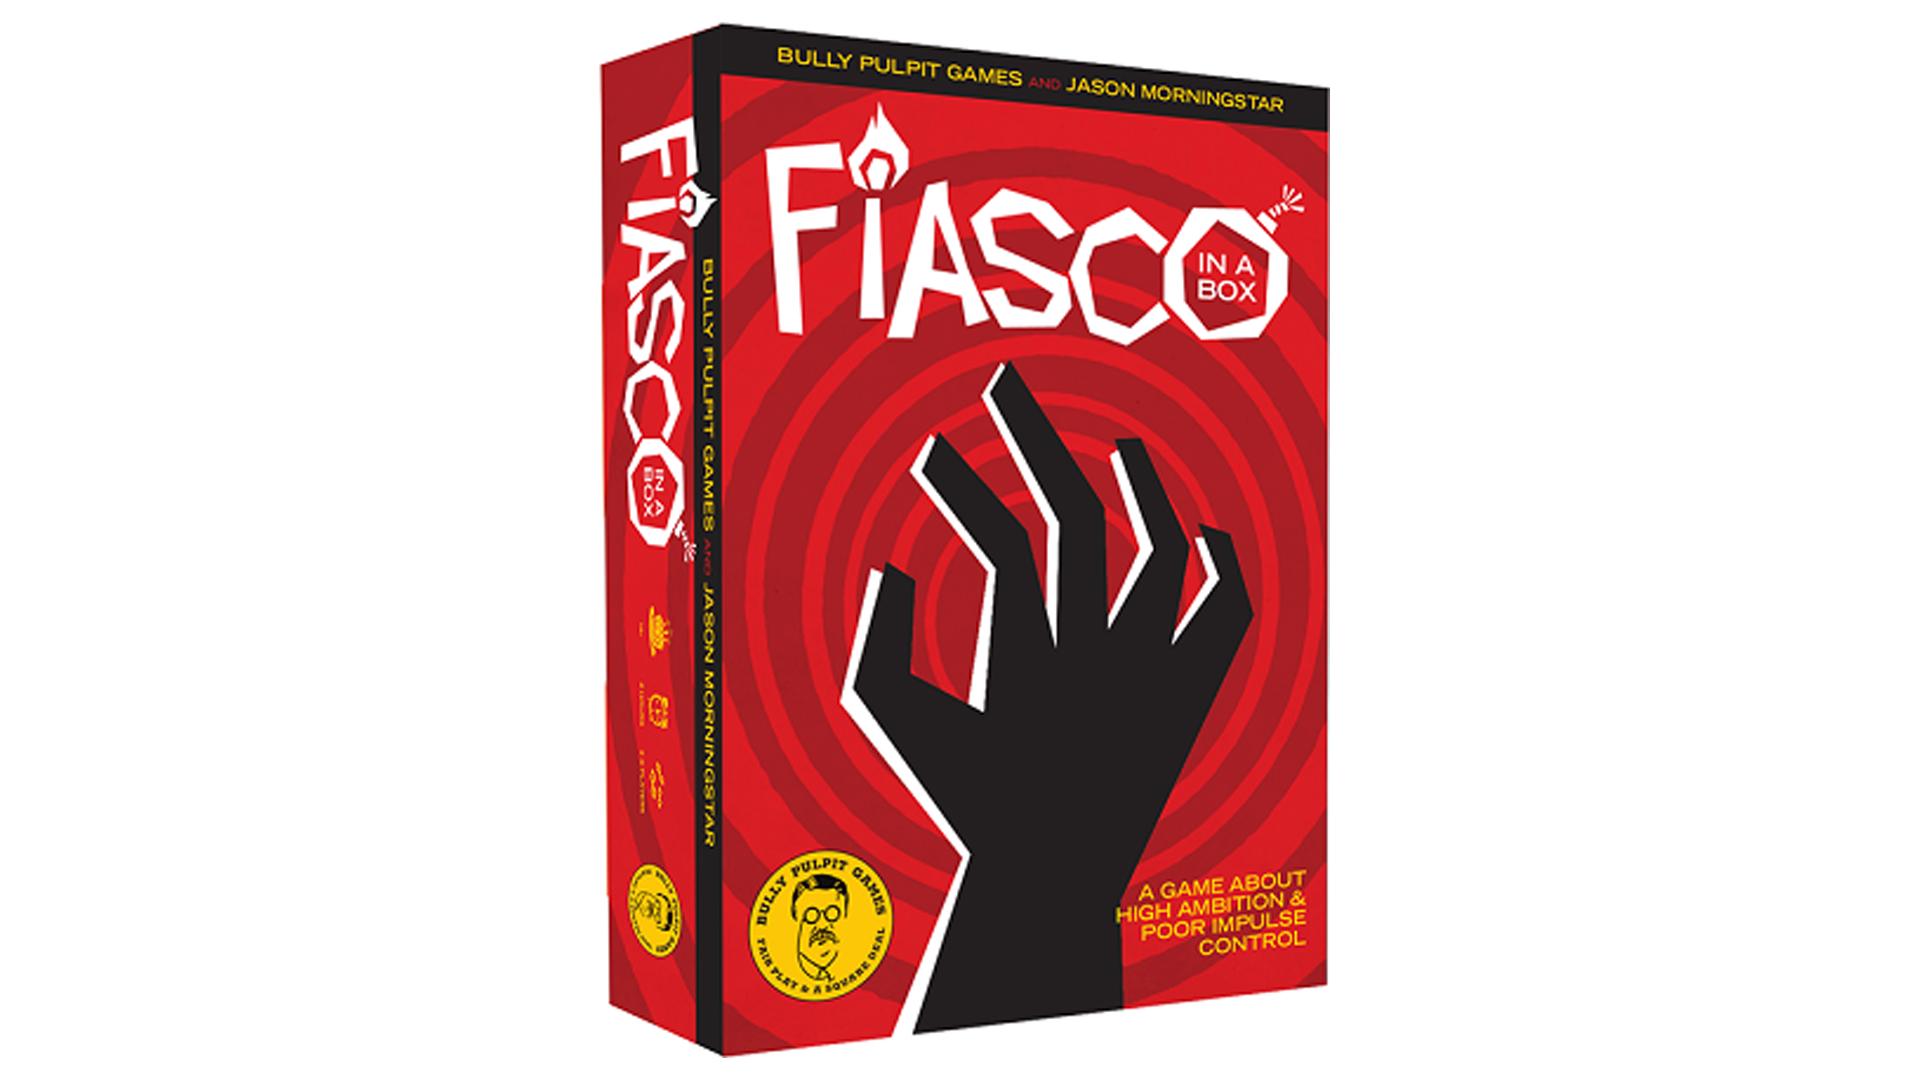 Fiasco! in a box RPG box